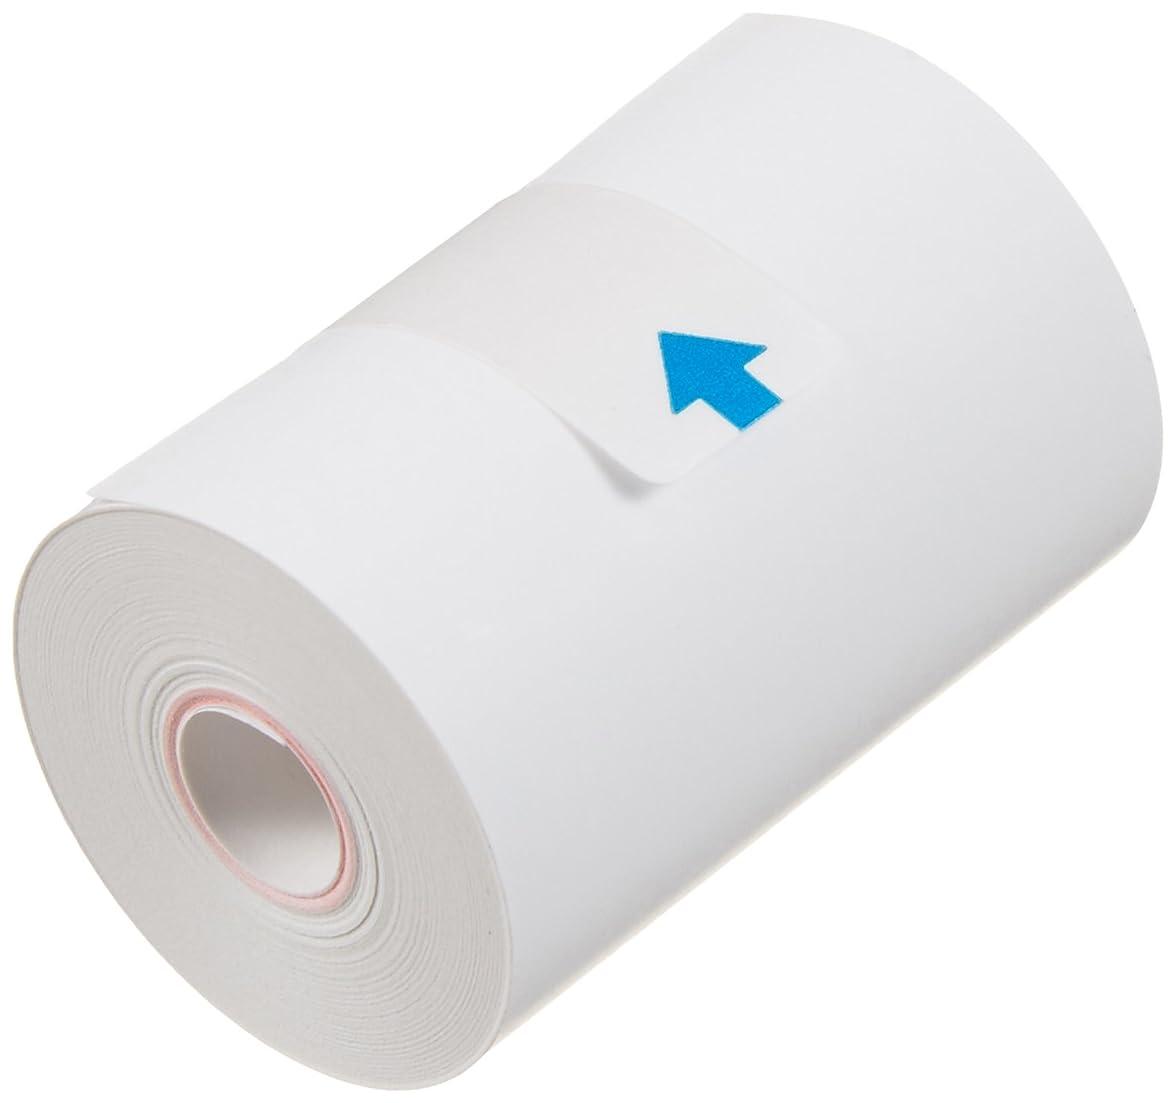 輪郭パワーセル硬化するオムロン 血圧計用 プリンターロール紙(感熱紙) (5巻入) HEM-PAPER-759P